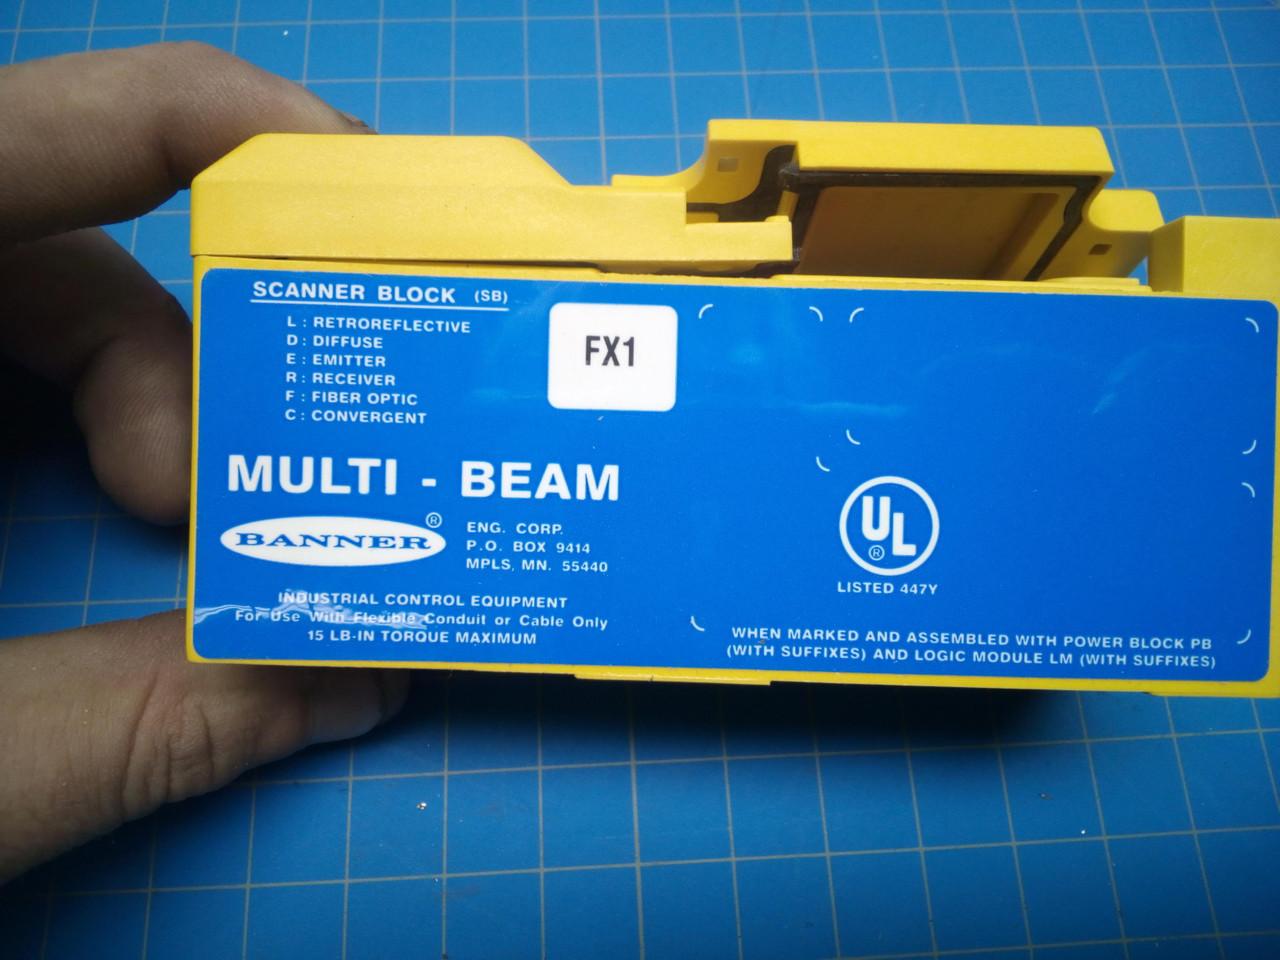 Banner Multi-beam Scanner Block 16652 Sbfx1 - P01-000092